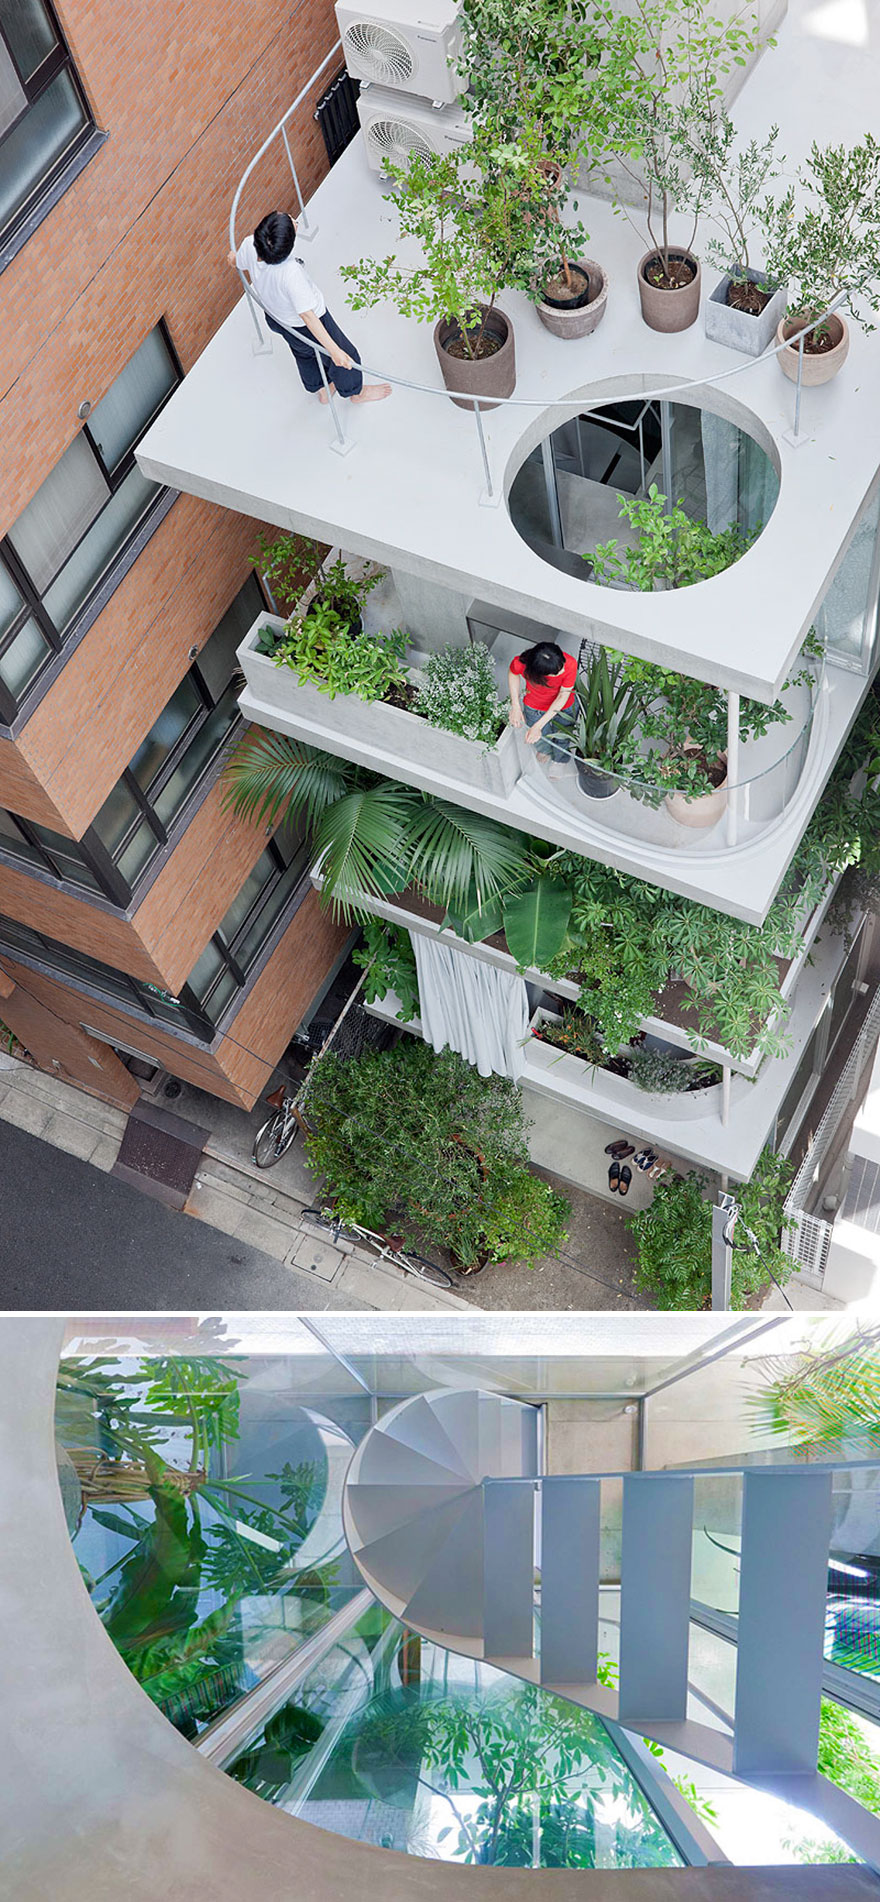 خانه ی گلخانه ای در توکیو